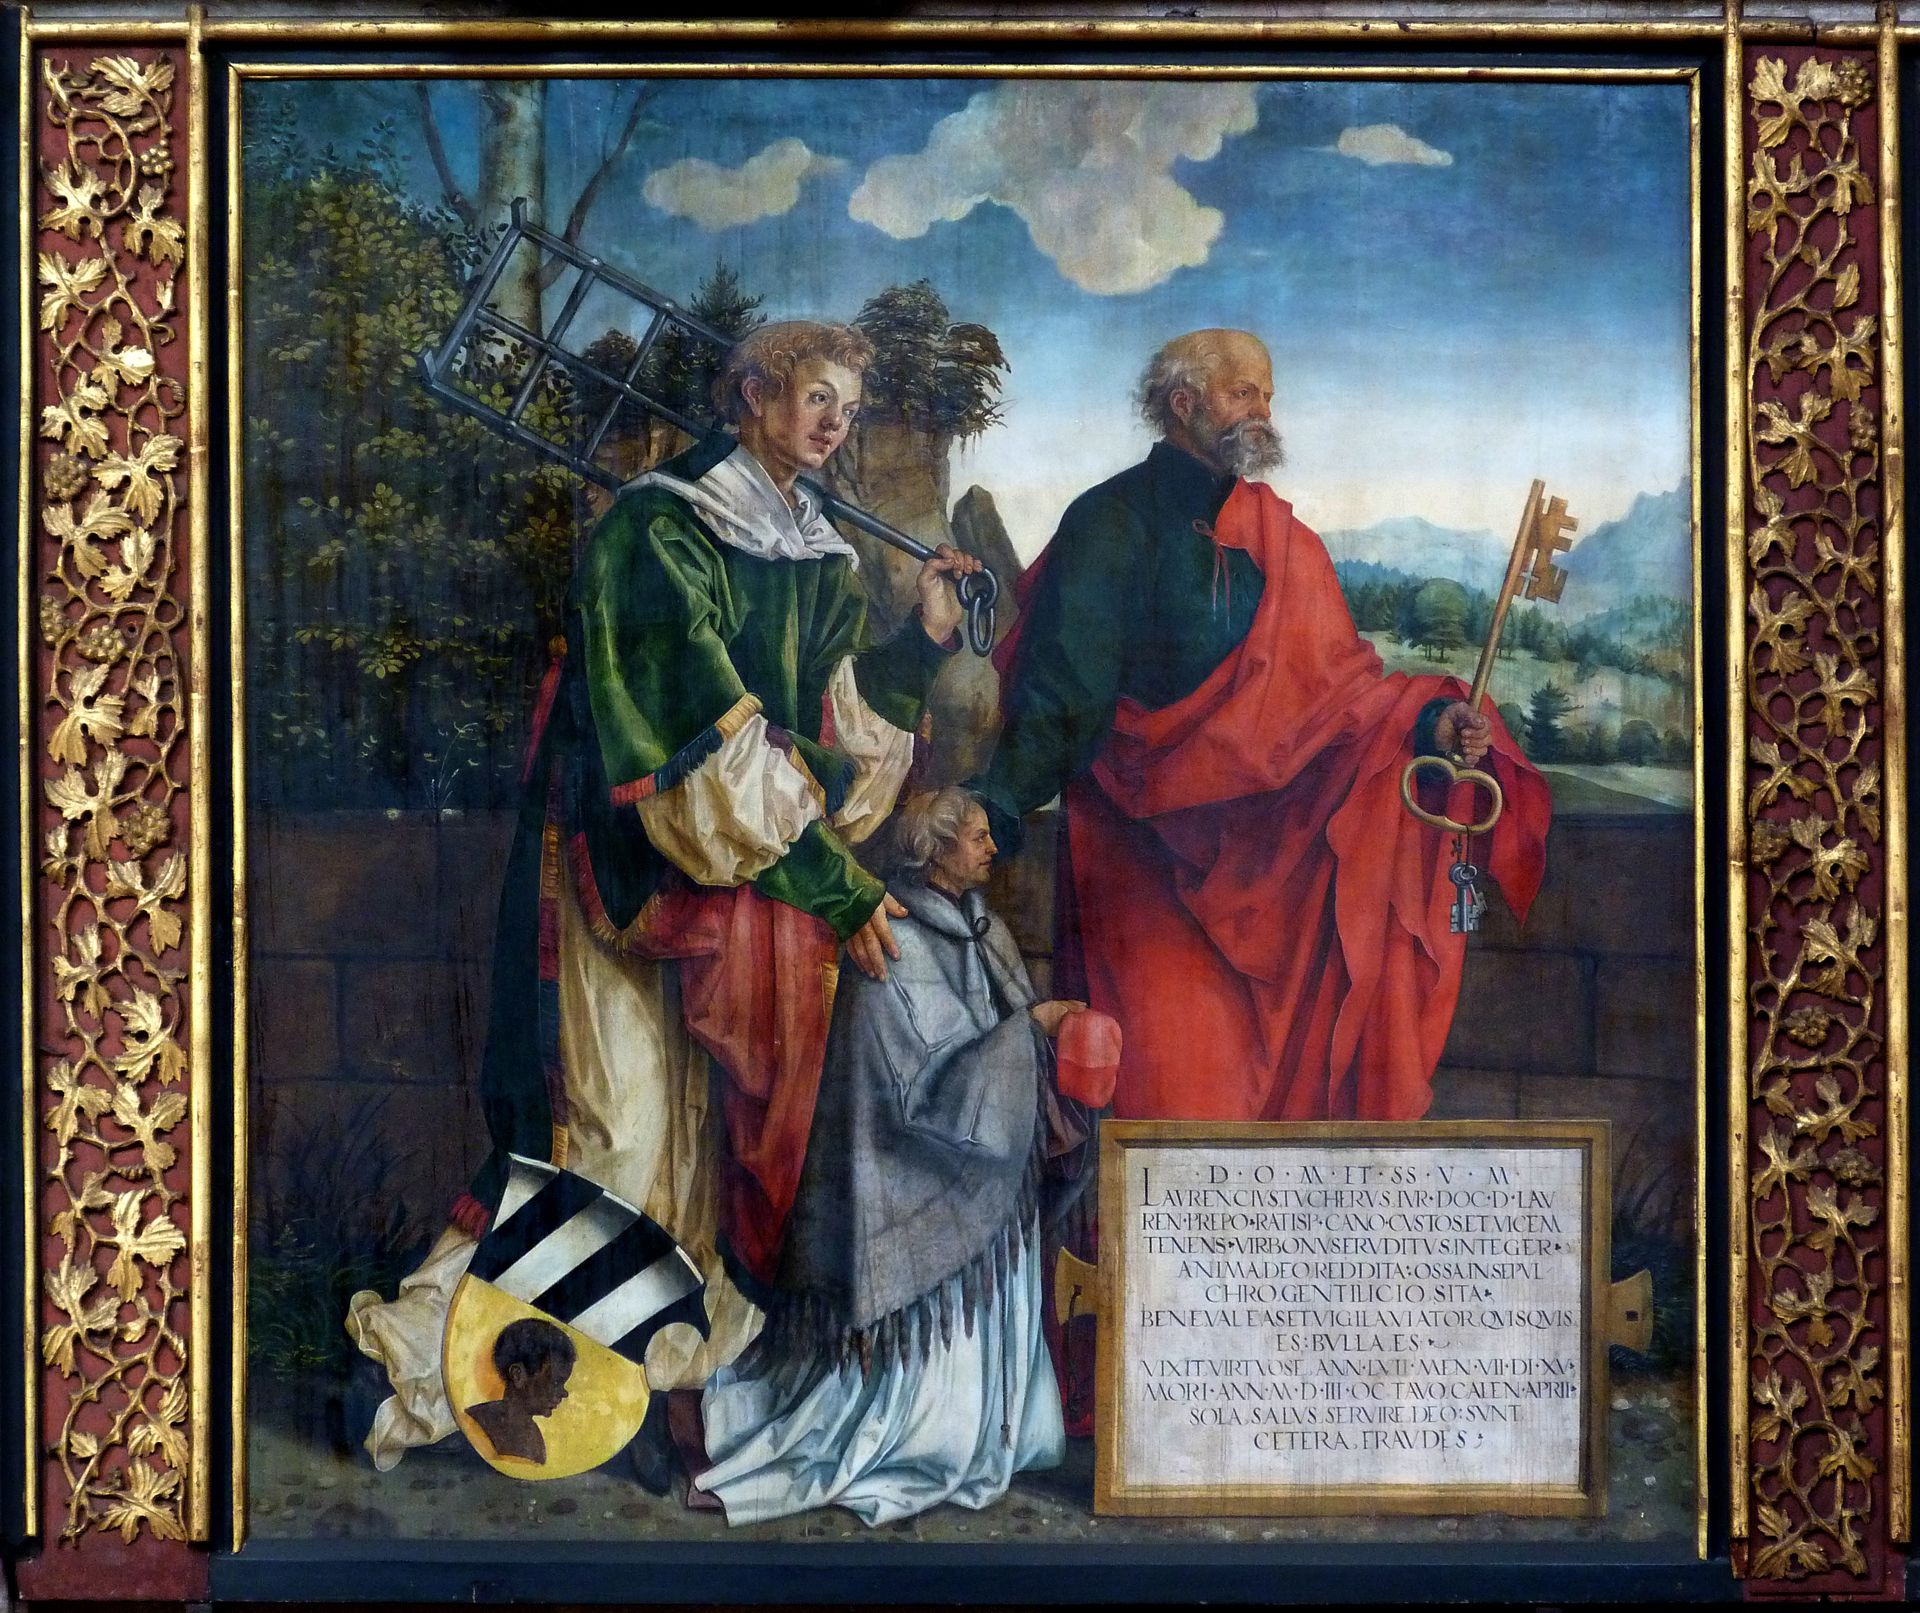 Epitaph für Propst Lorenz Tucher linke Tafel, hll. Lorenz und Petrus sowie der Propst